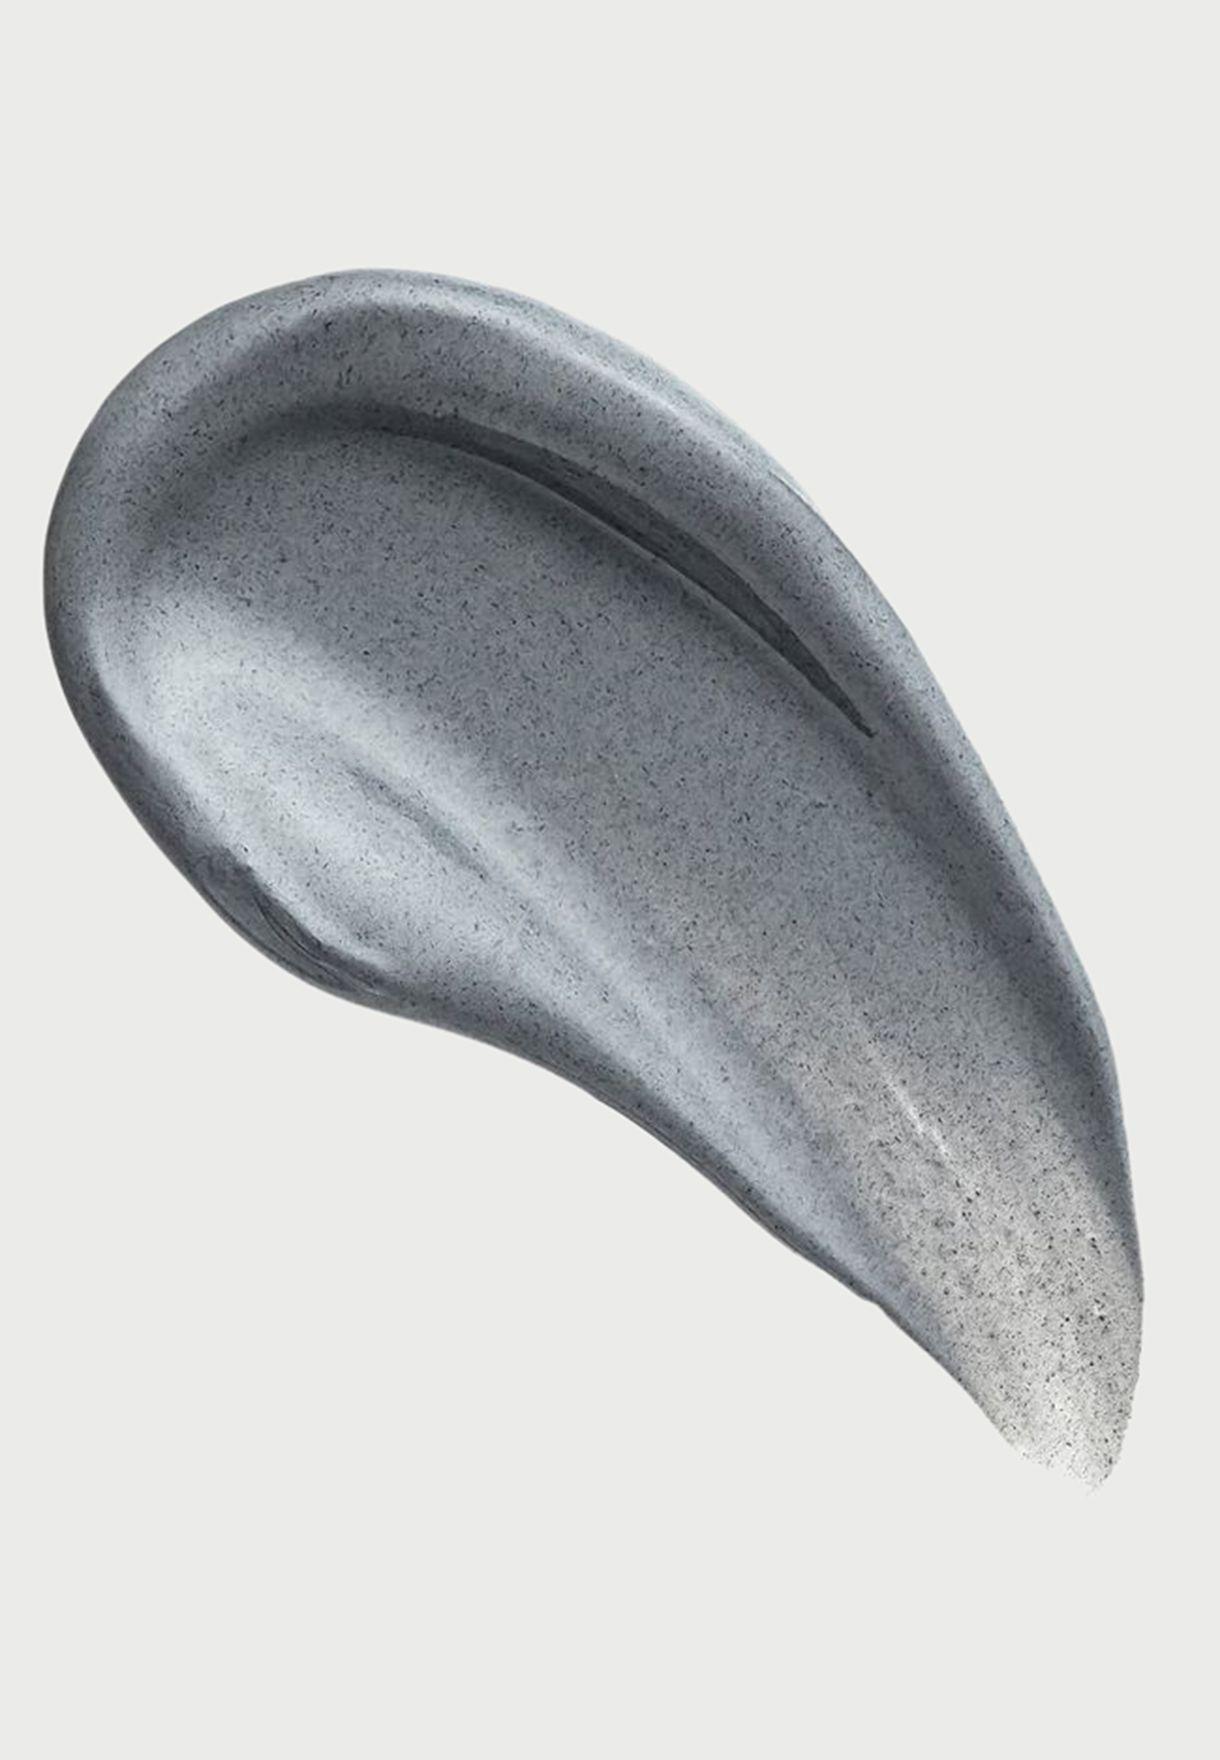 ماسك ريفلوشن بالفحم لتنقية البشرة